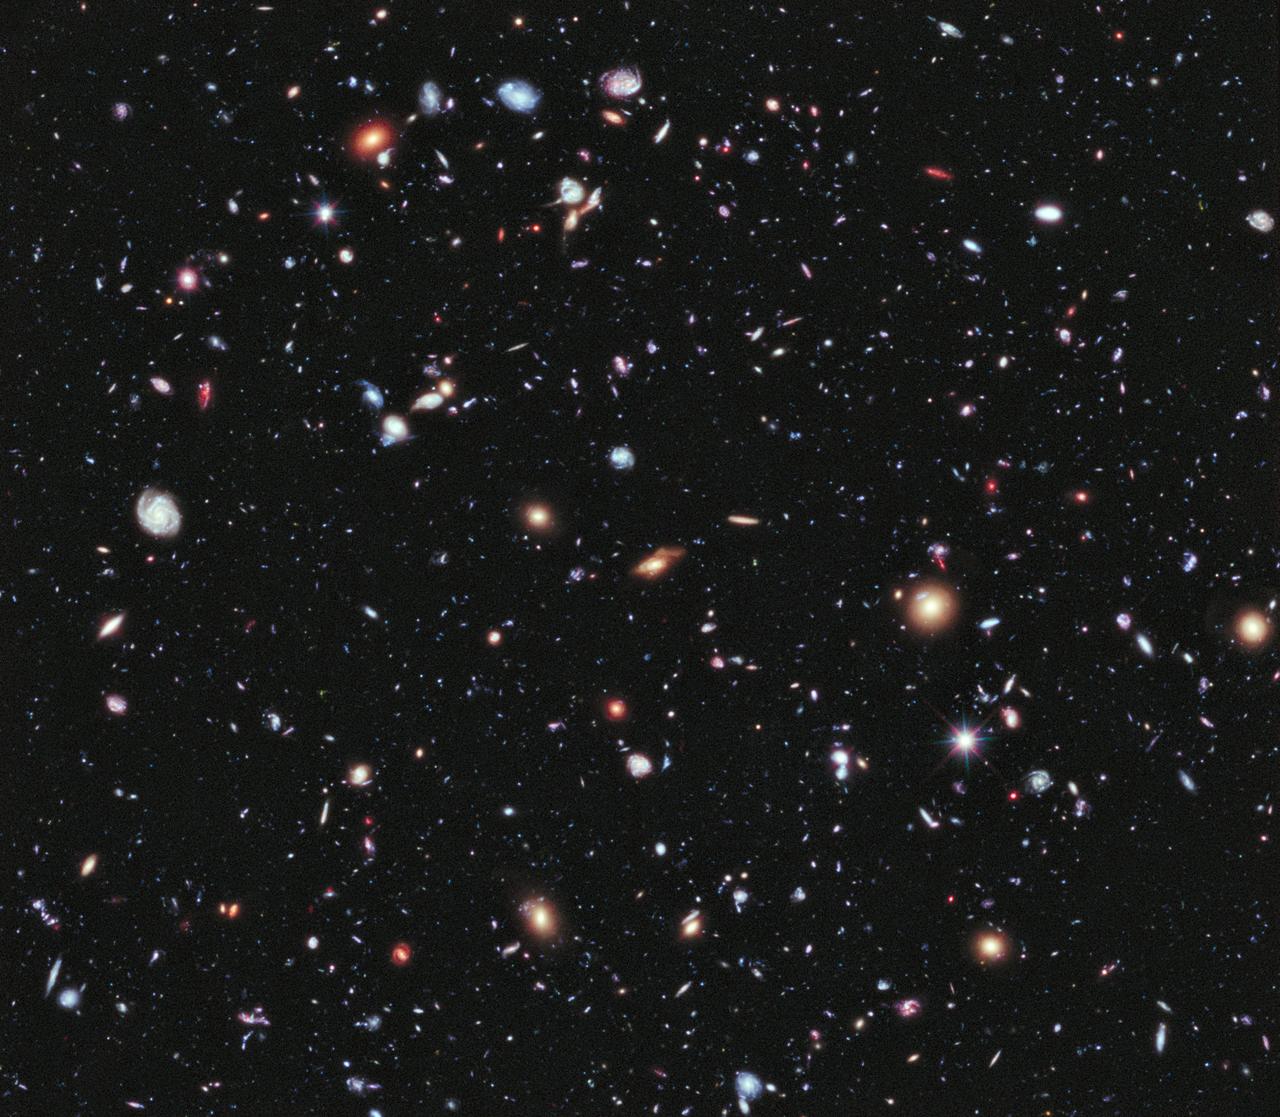 【宇宙】宇宙人はやっぱりいない…? 銀河中心の6000万個の星を探索した結果が判明